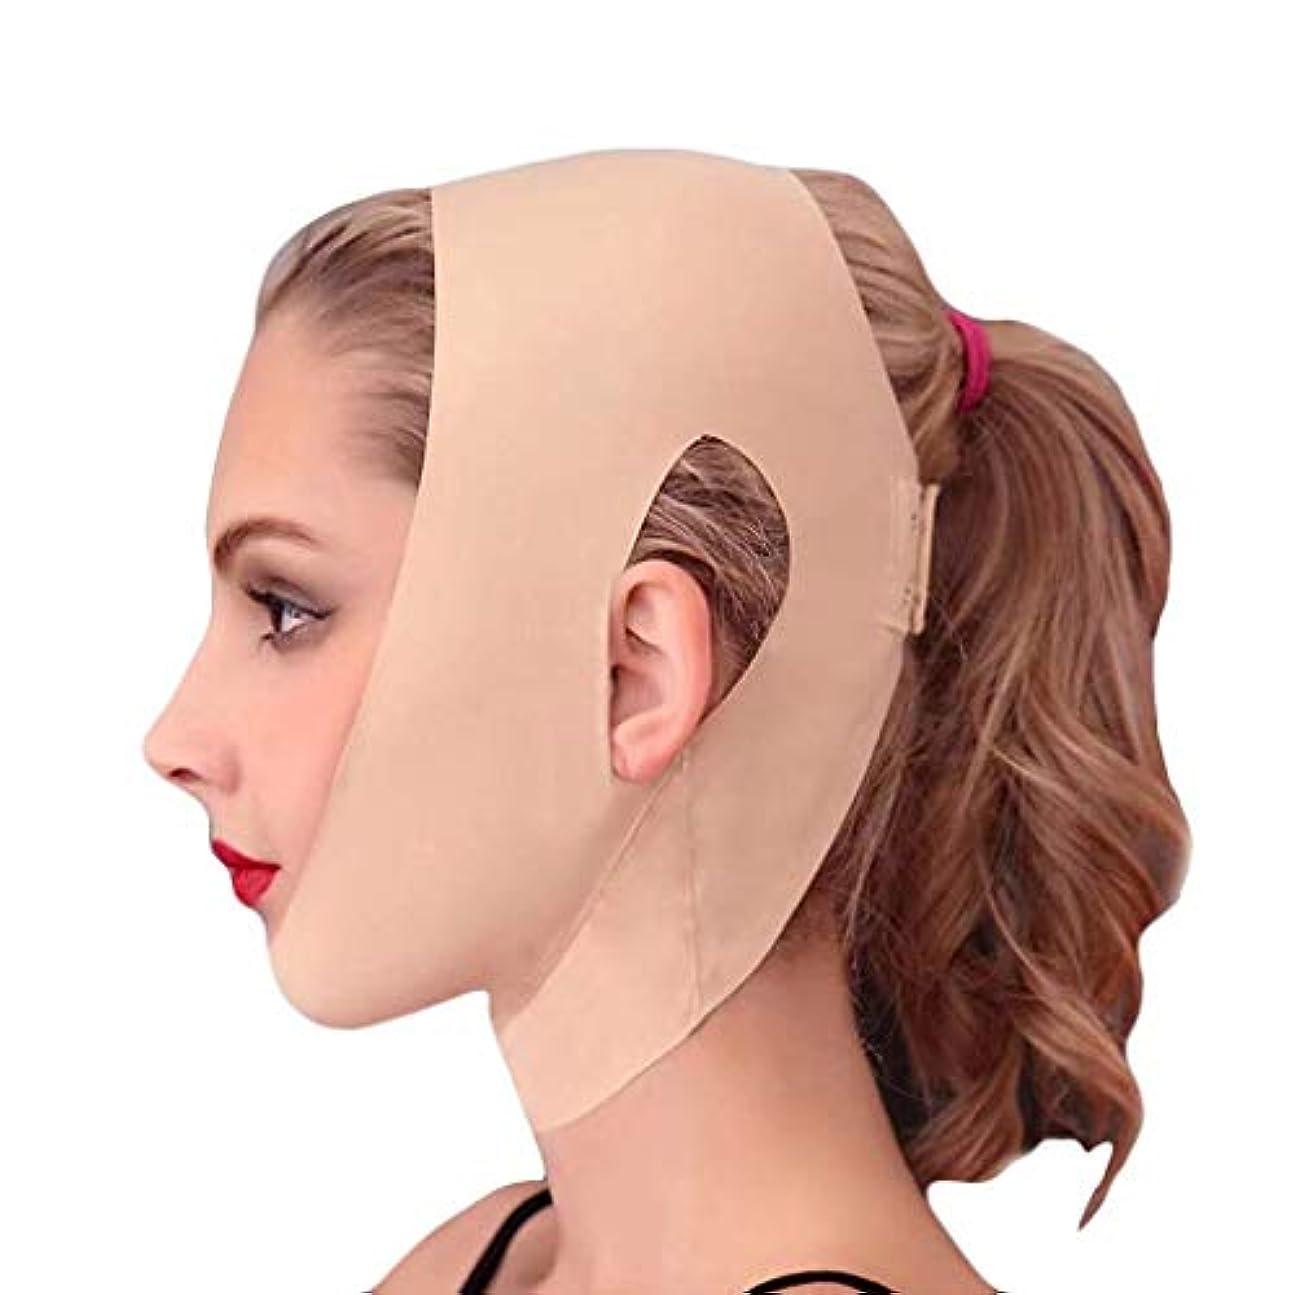 重力除去狂う持ち上がるしっかりした包帯のための顔の持ち上がる用具、表面持ち上がること、引き締まること、顔の減量ベルト